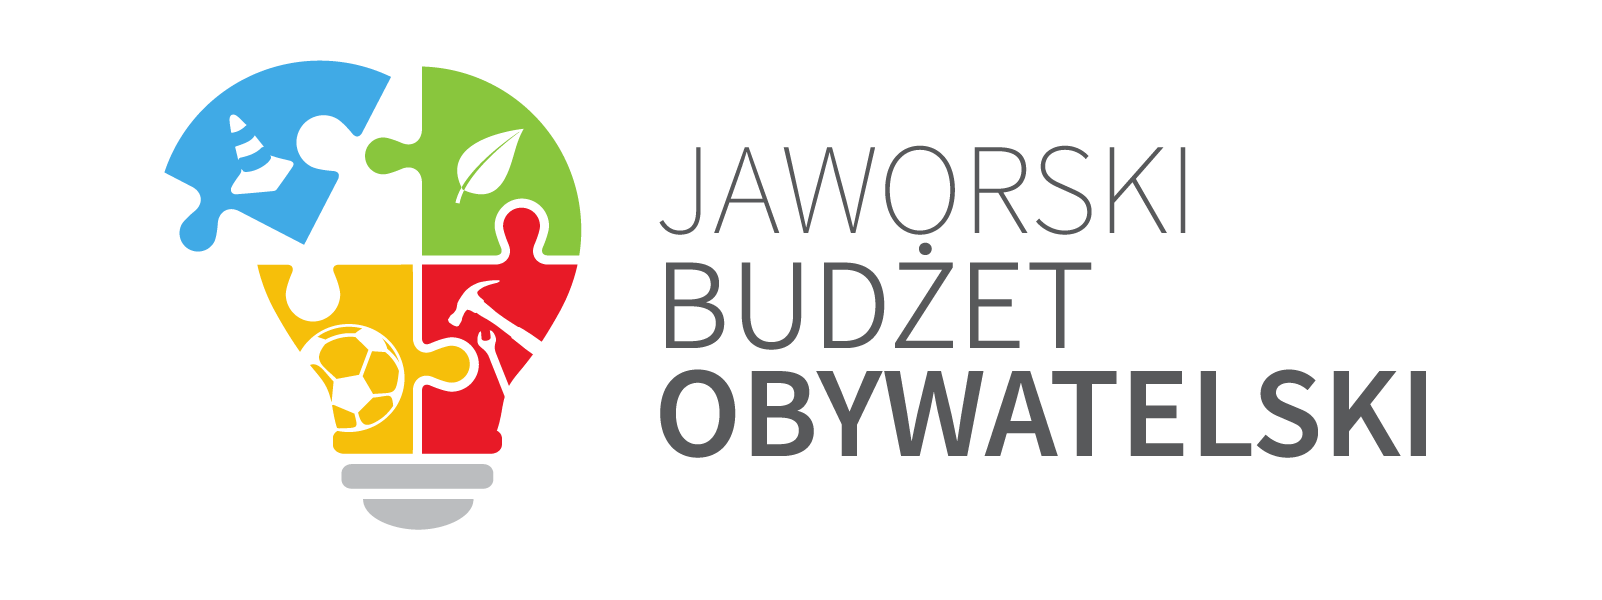 [Jaworski Budżet Obywatelski]: Instrukcja zakładania konta oraz oddania głosu w systemie e-konsultacje